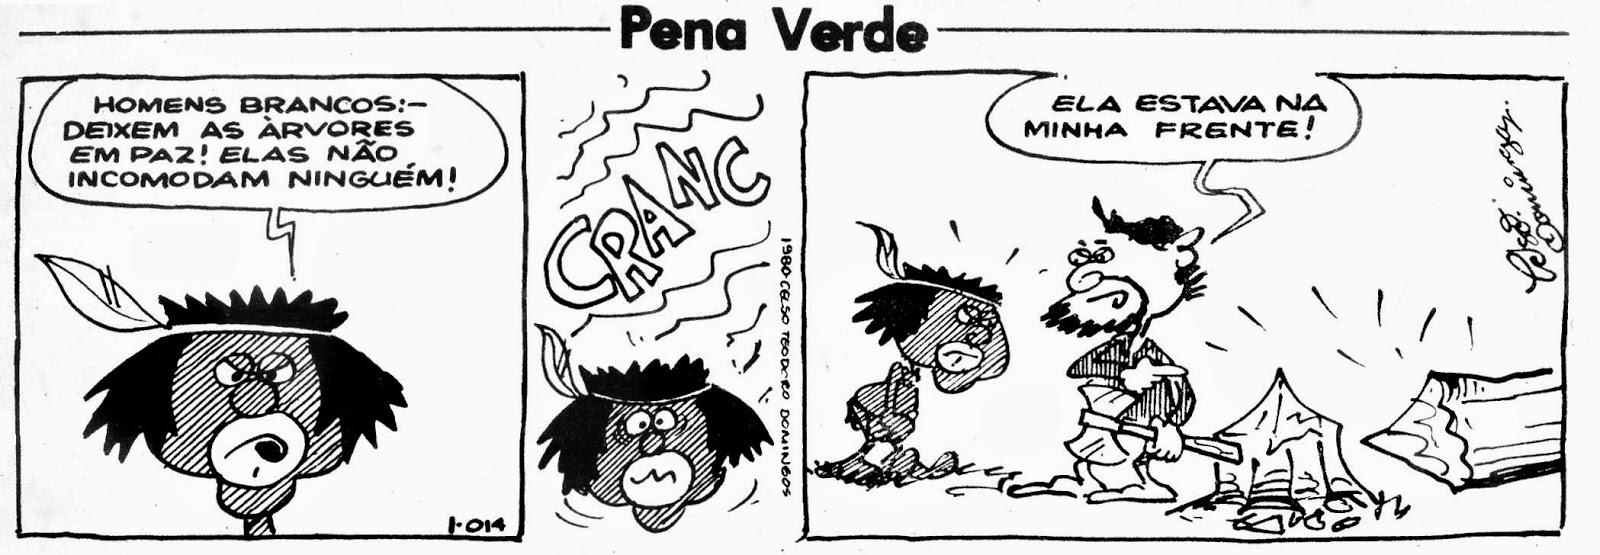 Pena Verde (1980)